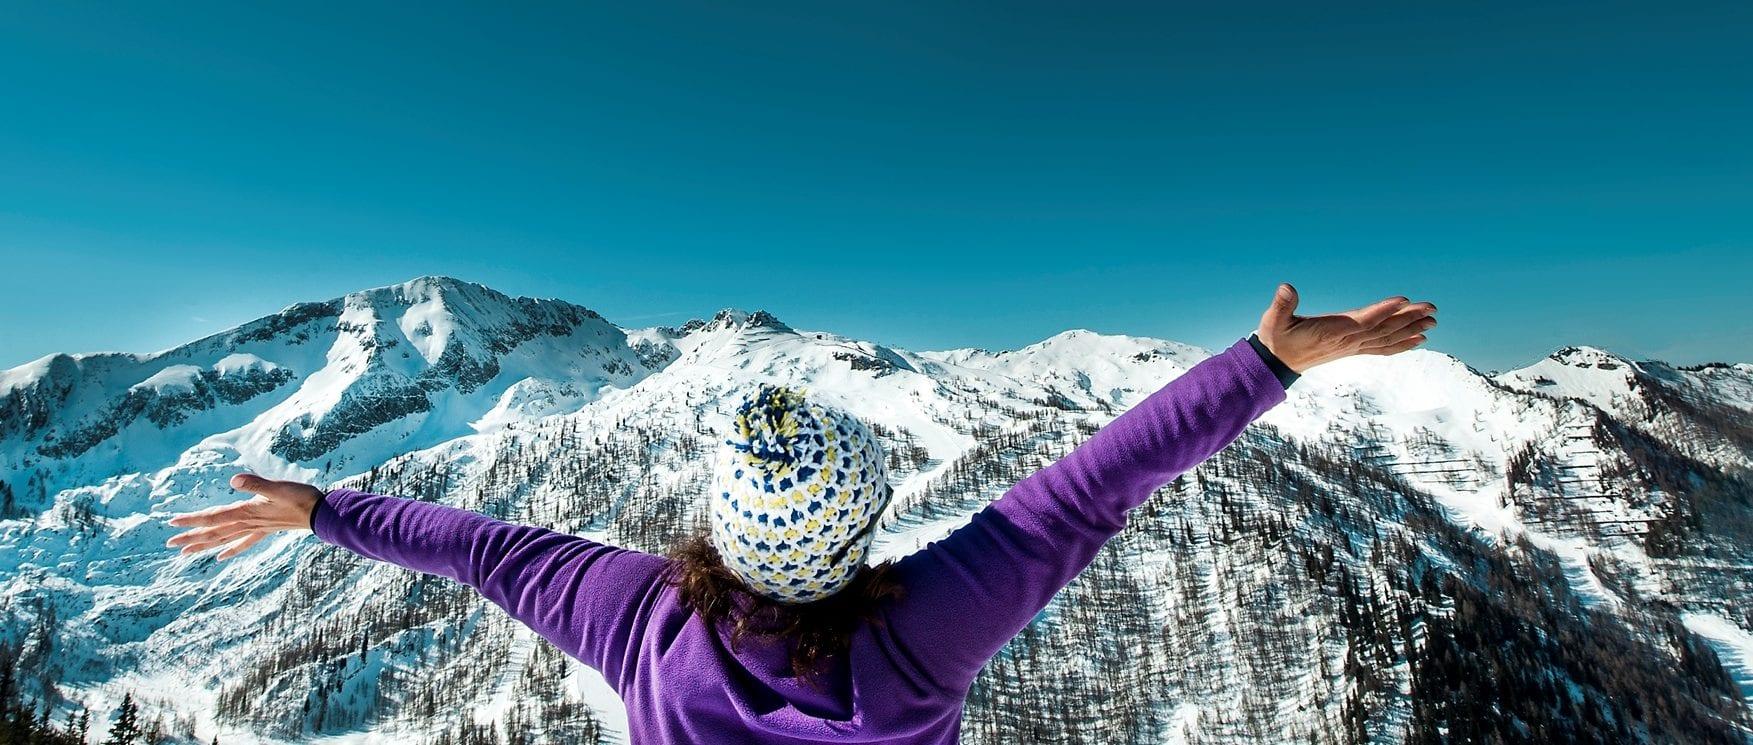 Zauchensee Skiparadies Aussicht-Wetter-Freiheit-Salzburger Berge-Salzburger Land